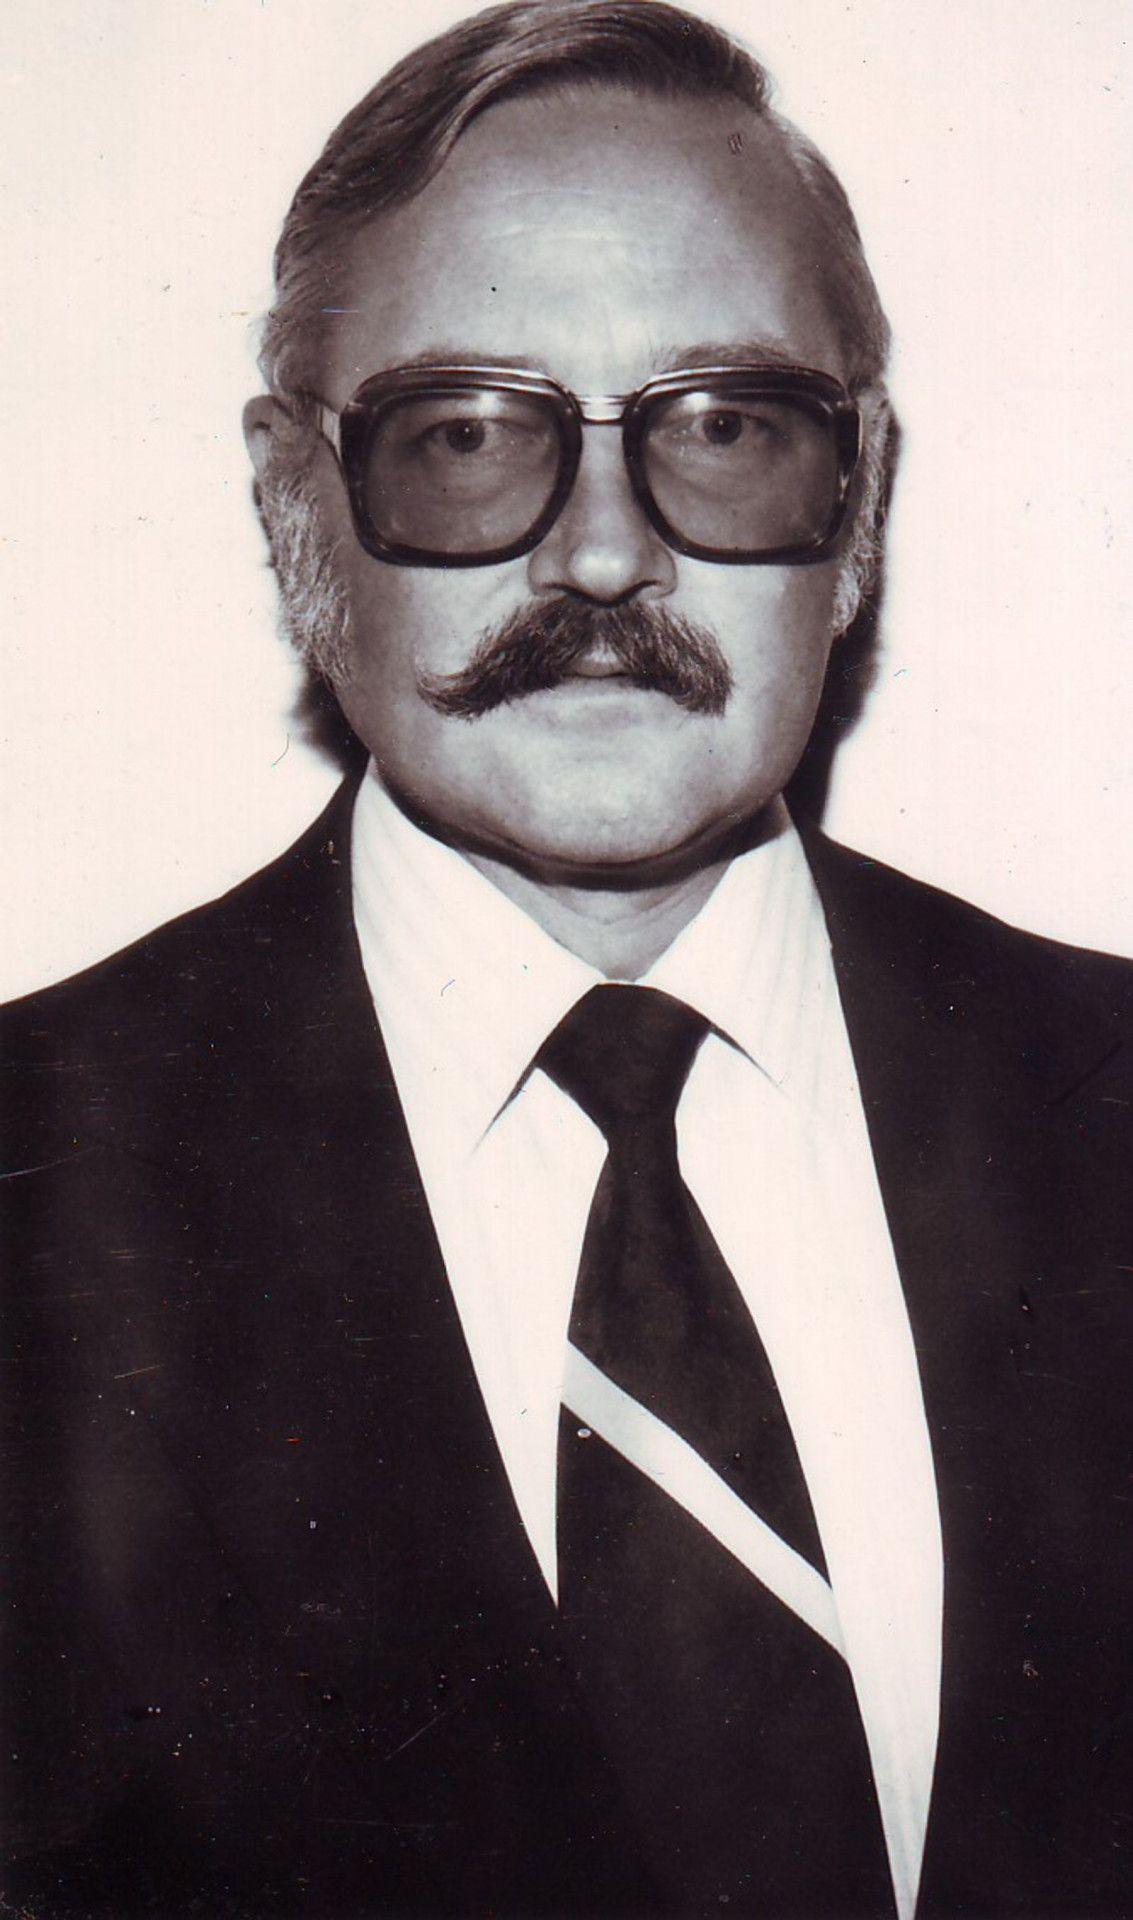 Mitte der 80er-Jahre starb Imants Lesinskis. War es Mord?